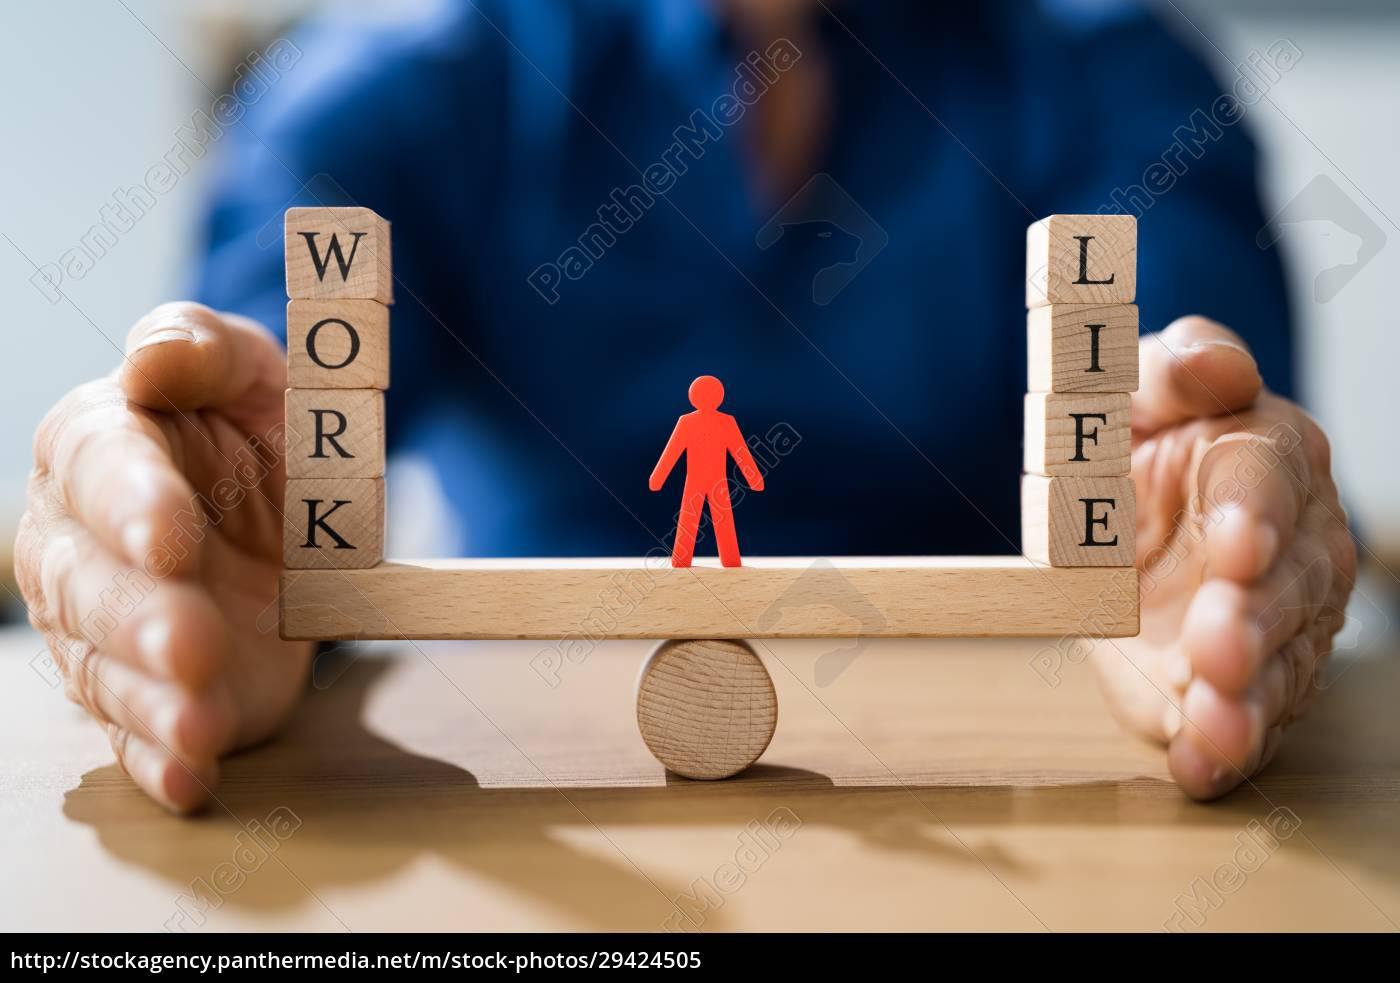 elección, de, equilibrio, de, vida, laboral - 29424505